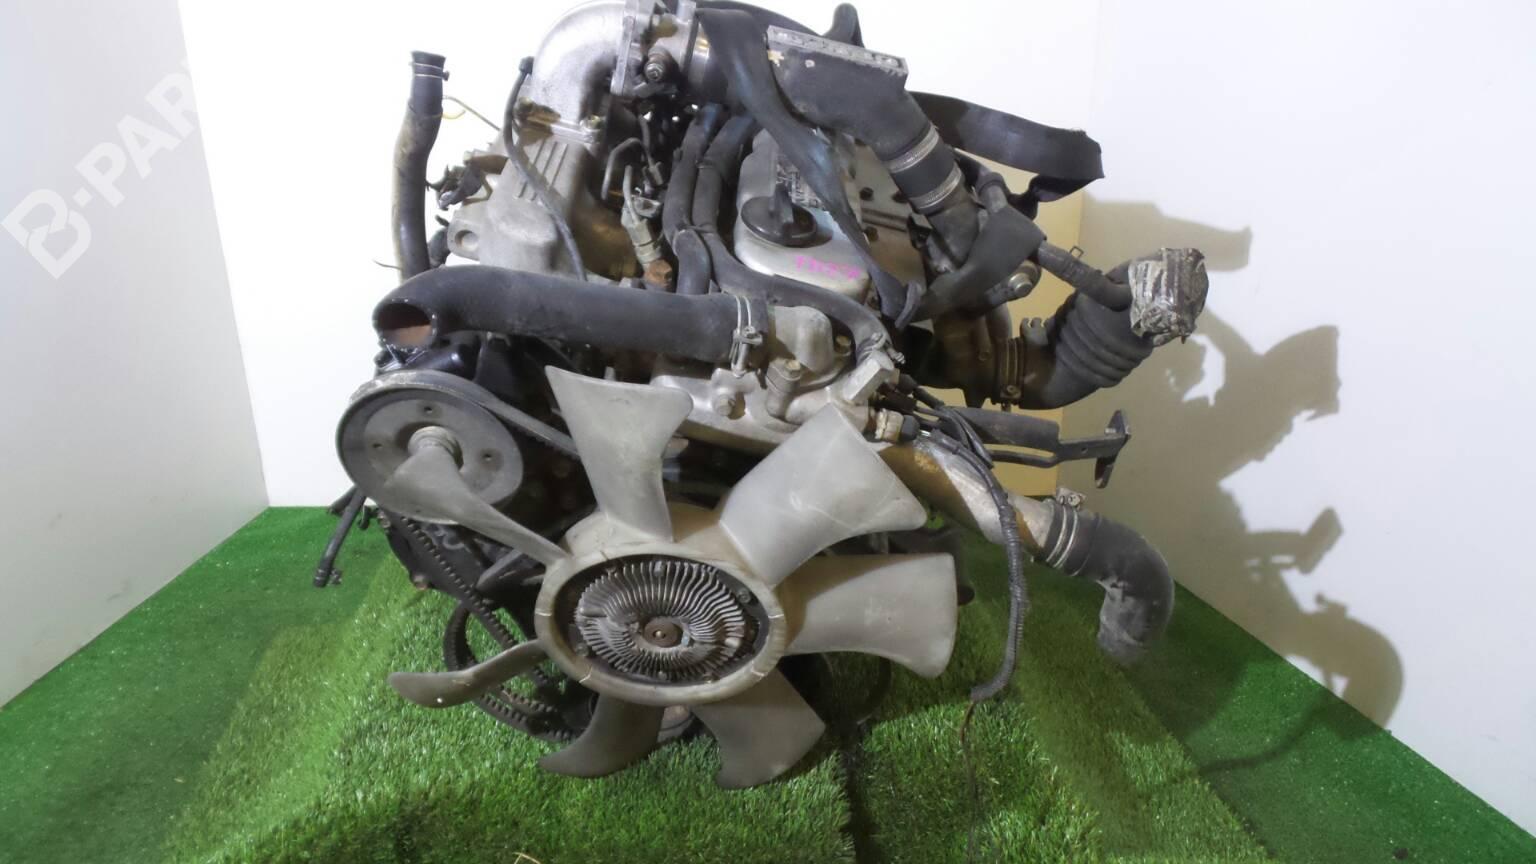 Engine Nissan Pick Up D21 27 D 4wd 120159 1985 Hardbody Schematics Complete 99hp Td27